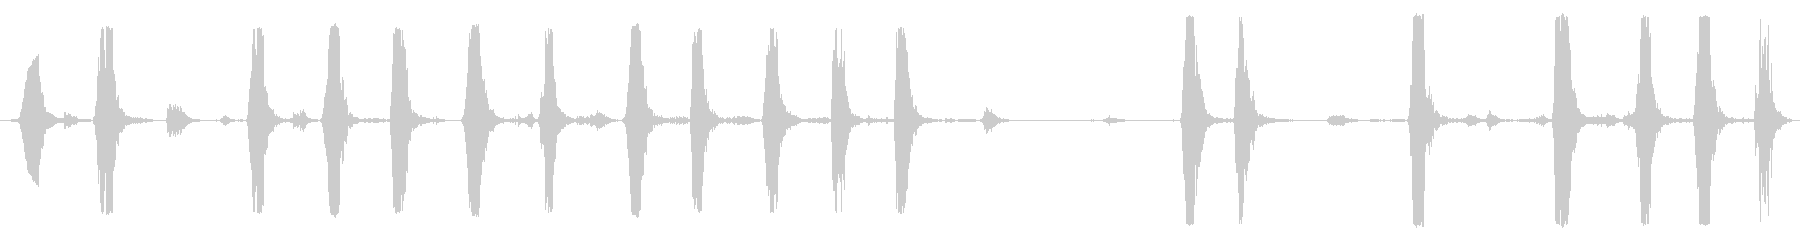 中型犬、バーキング犬の未再生の波形